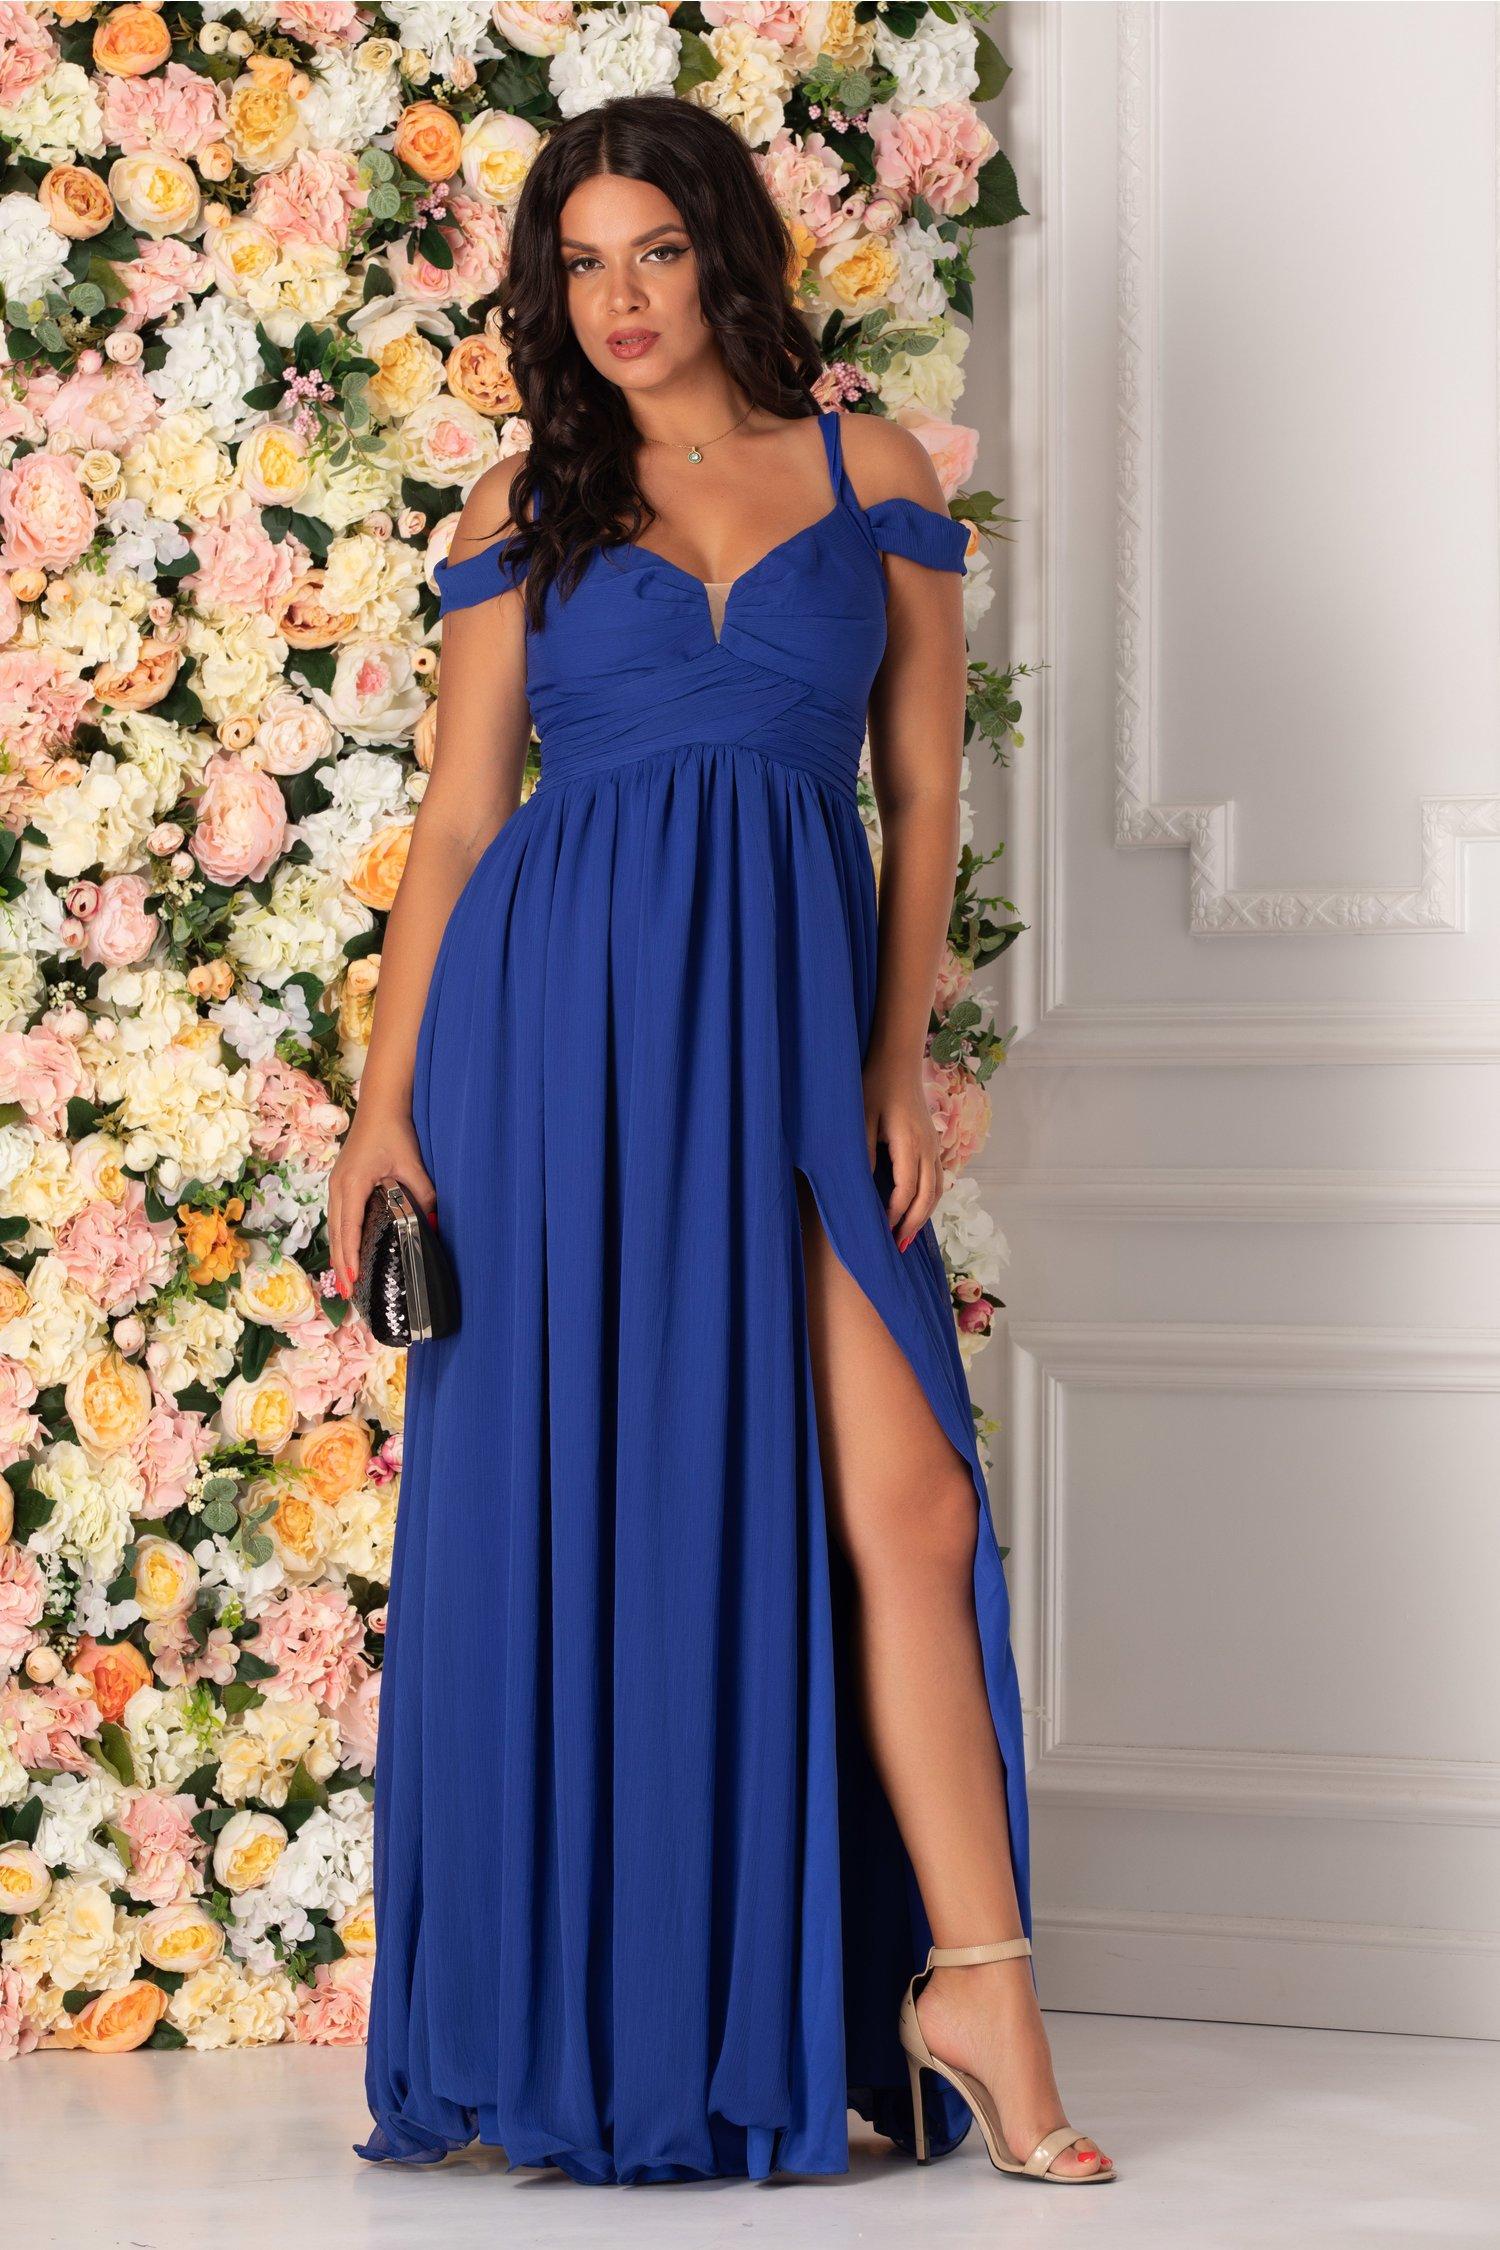 Rochie albastra Iris lunga cu umerii cazuti